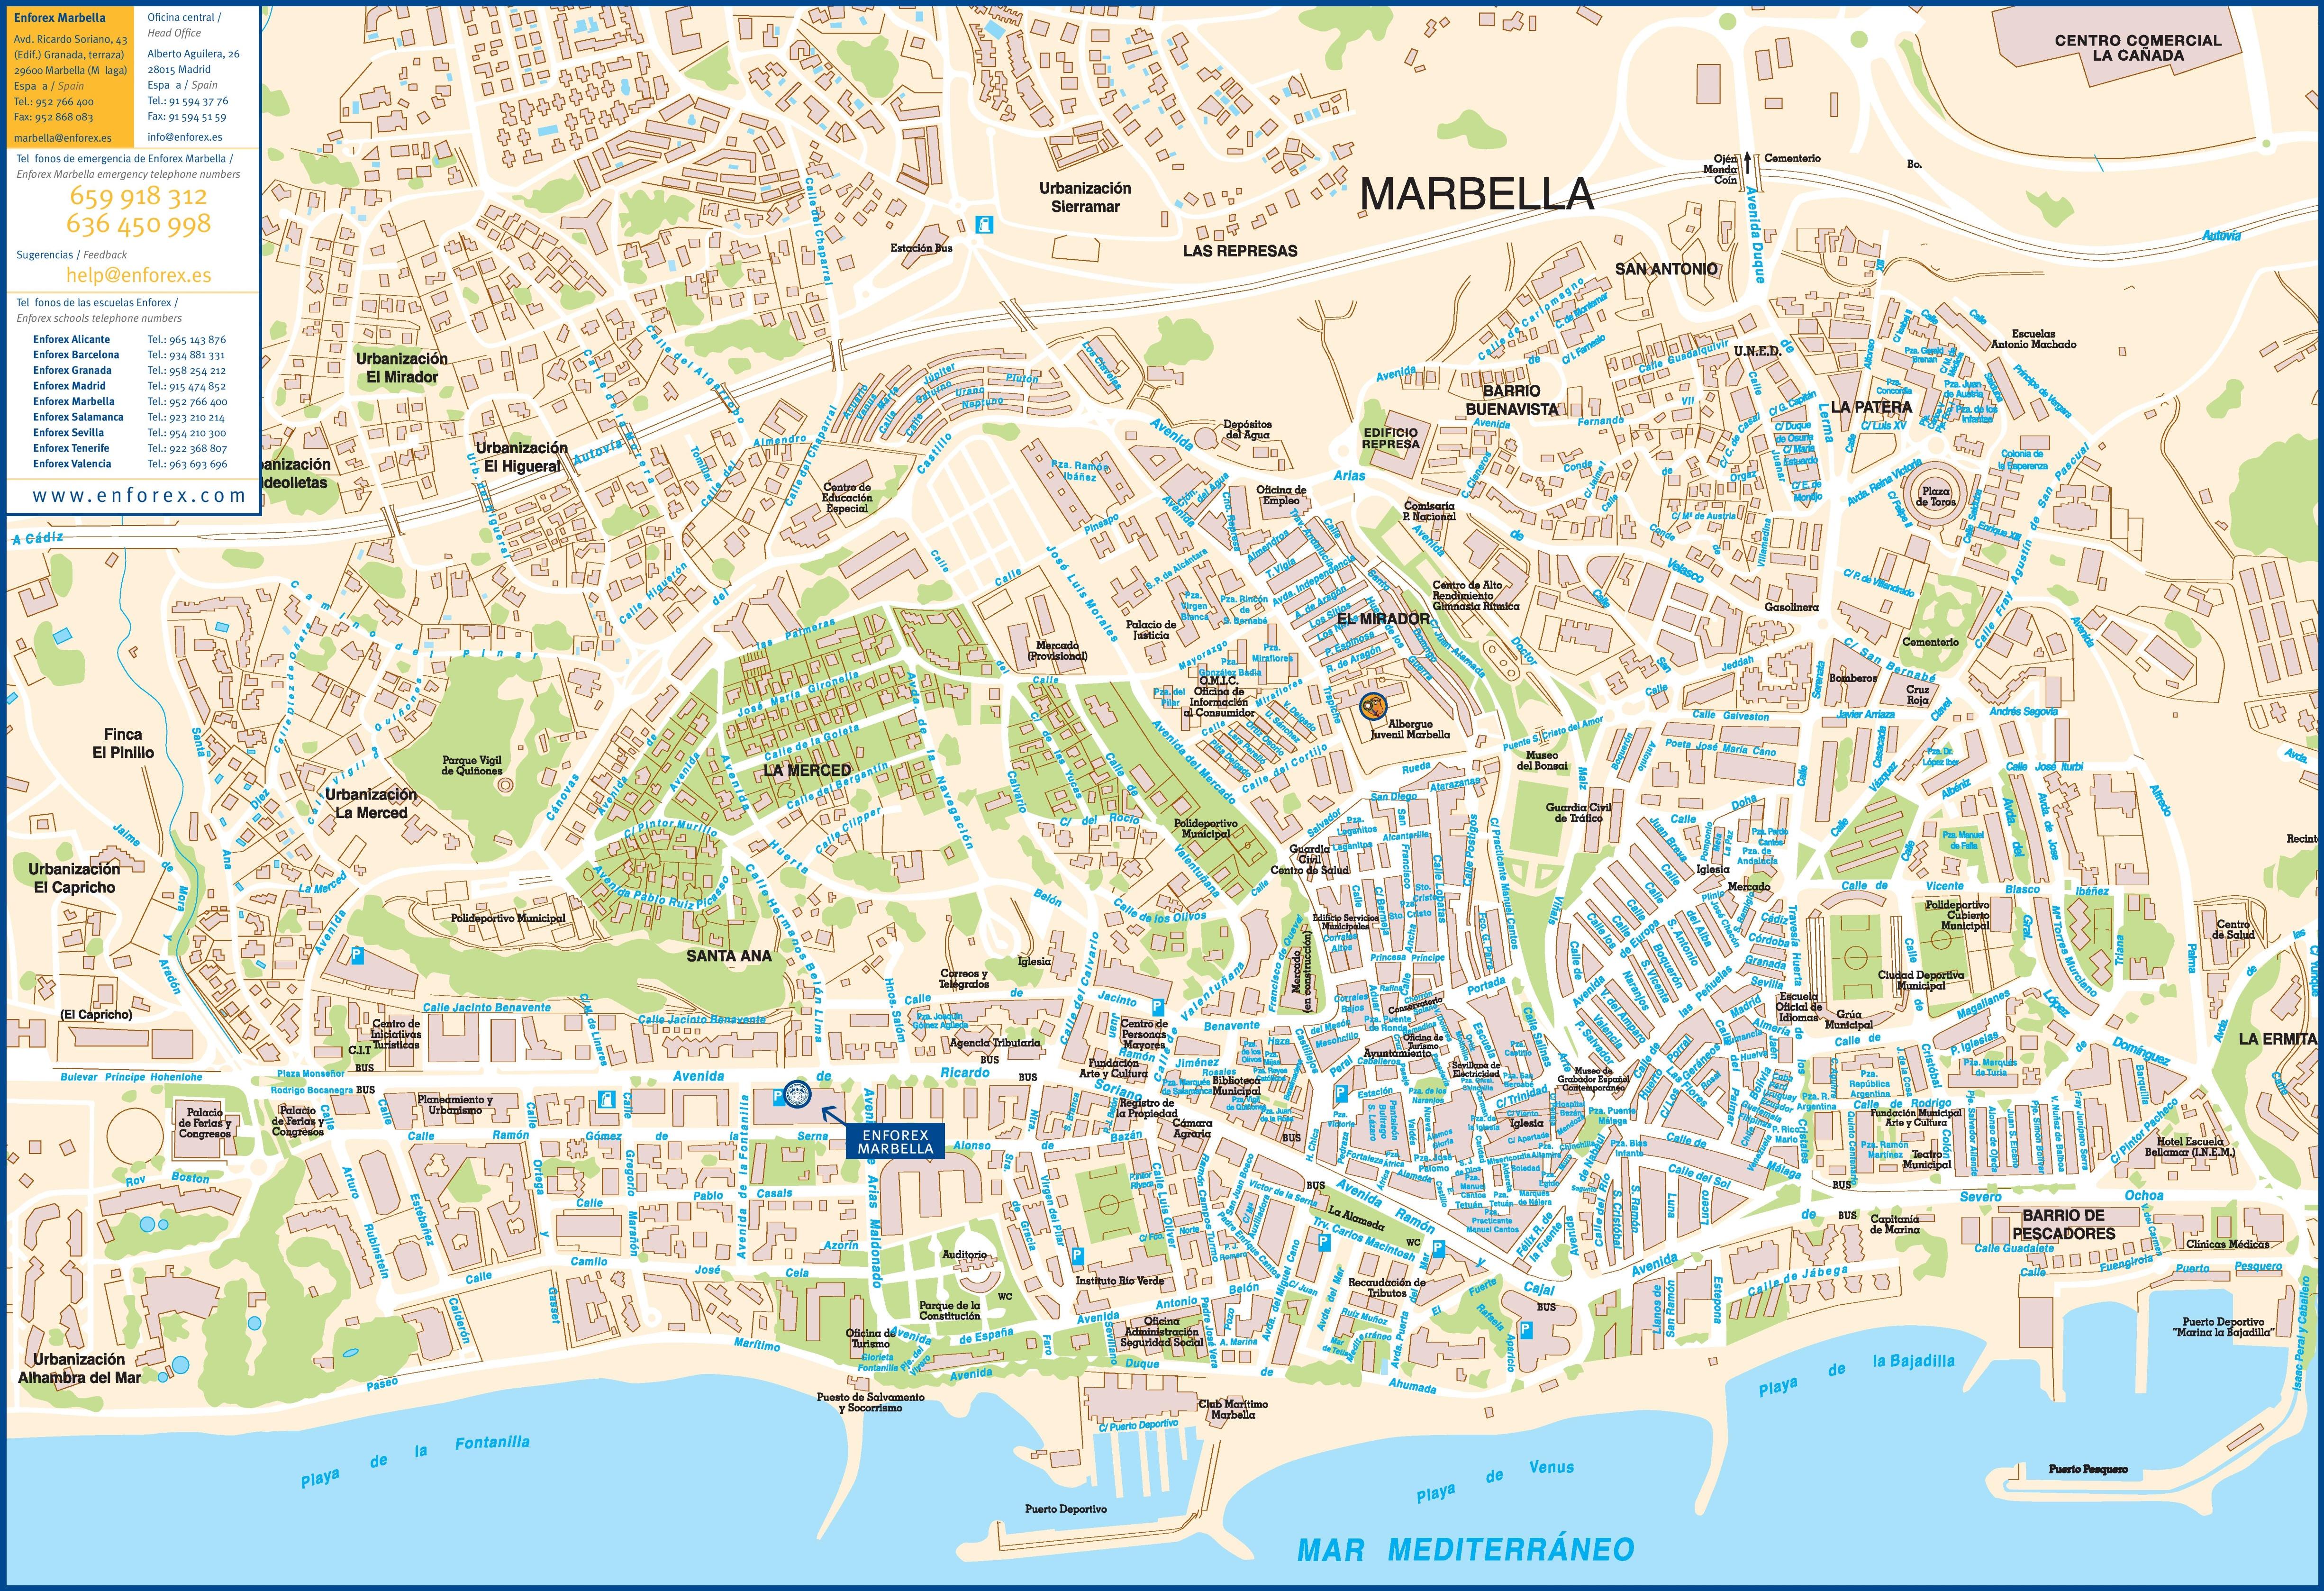 marbella mapa Marbella tourist map  marbella mapa